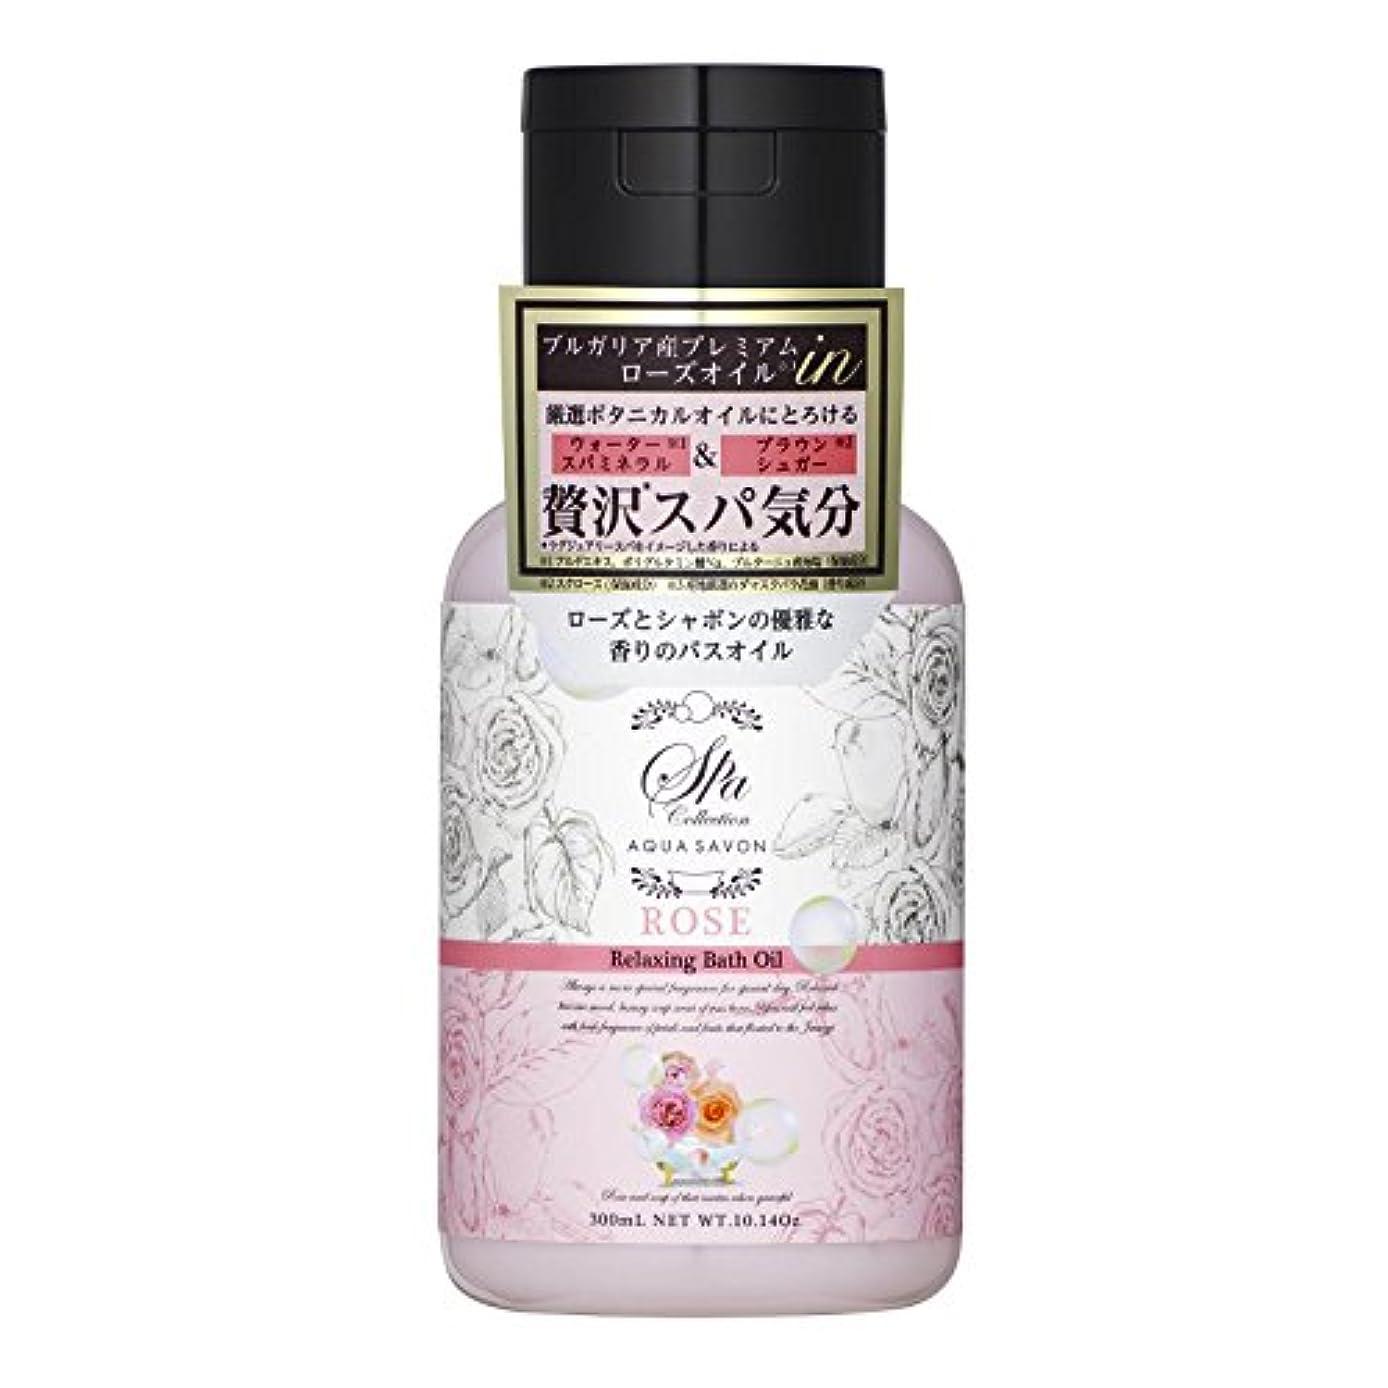 掃除実行可能素朴なアクアシャボン スパコレクション リラクシングバスオイル ローズスパの香り 300mL